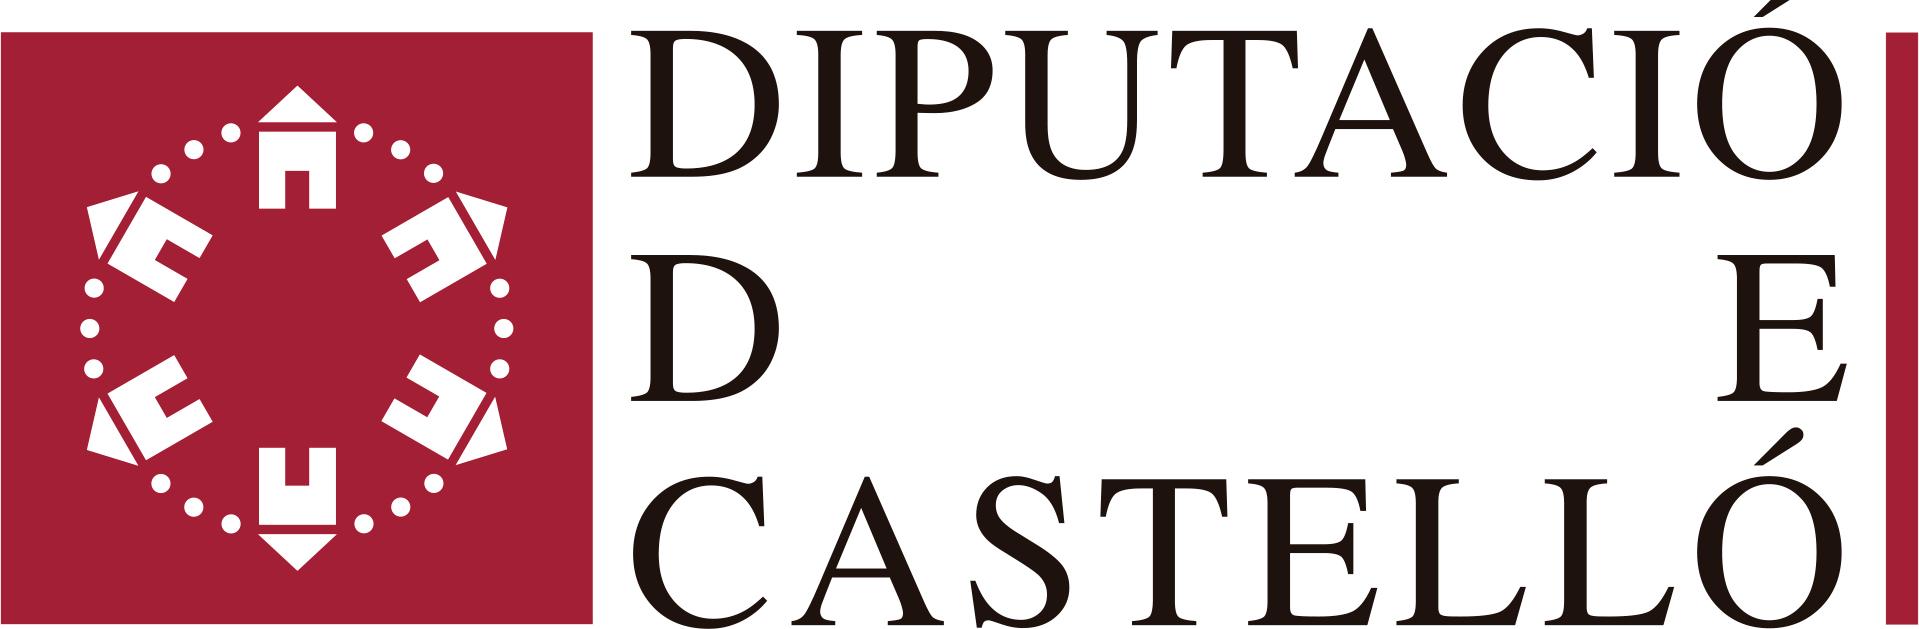 proyecto cofinanciado por la Diputacion de castellón